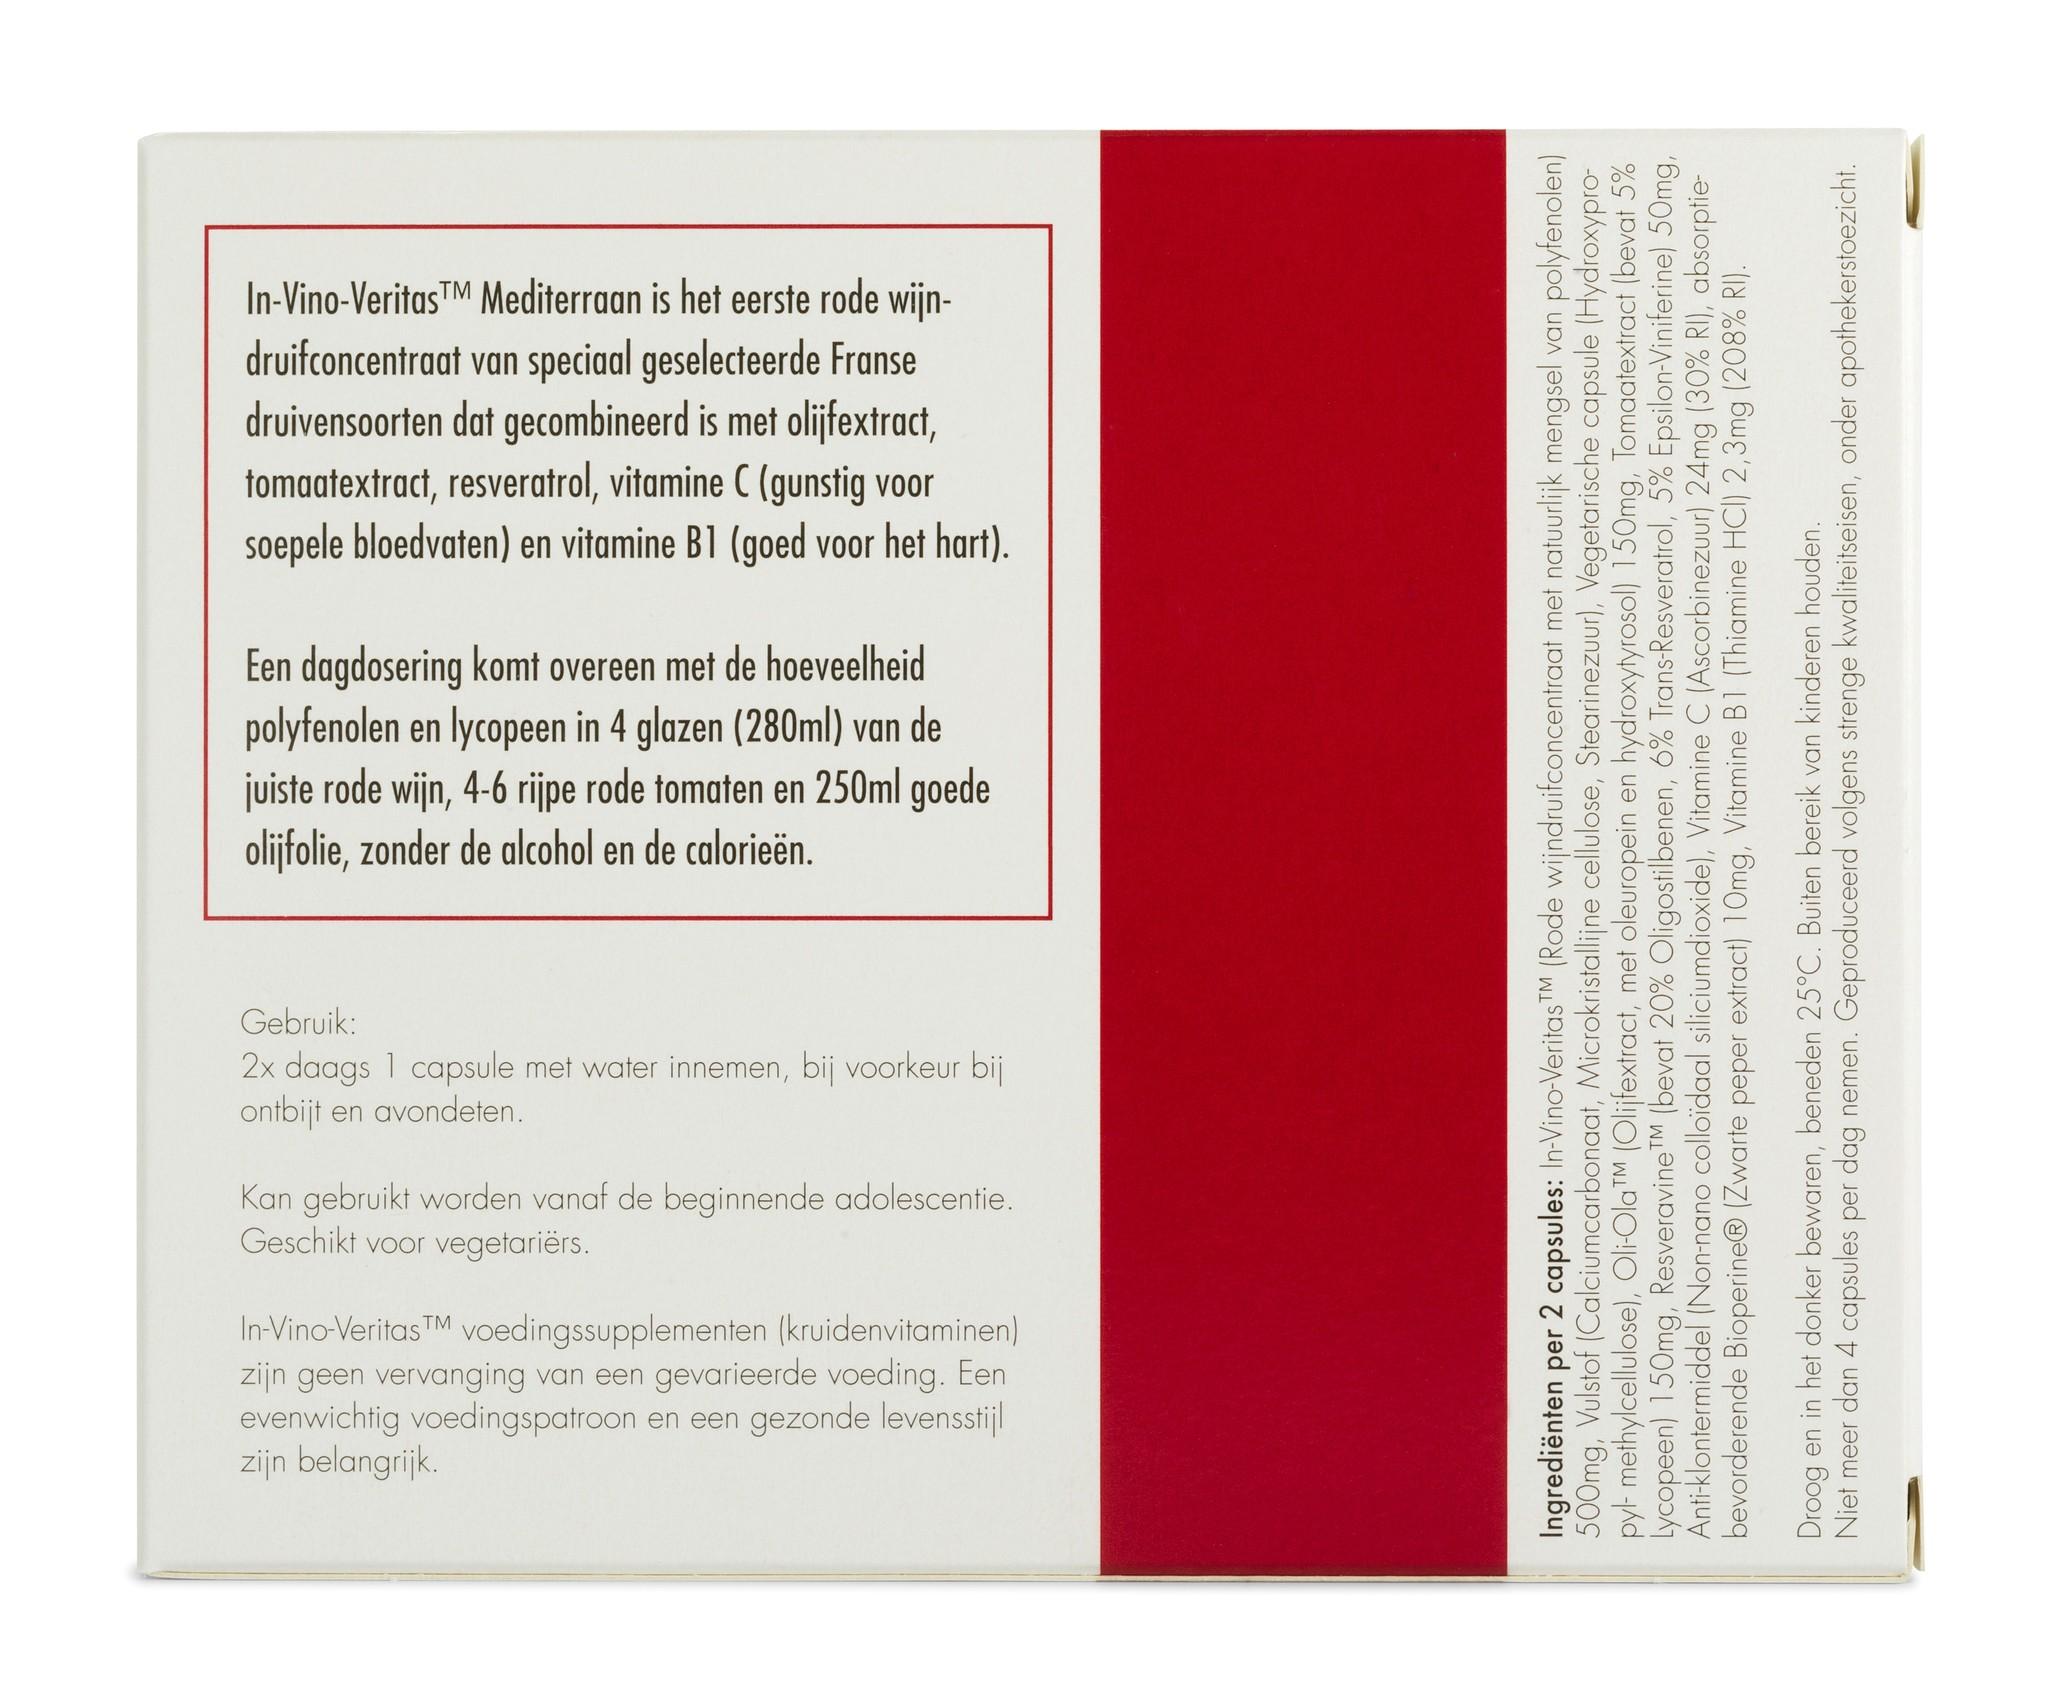 In-Vino-Veritas™ Mediterraan maandverpakking (excl. €4,50 verzendkosten)